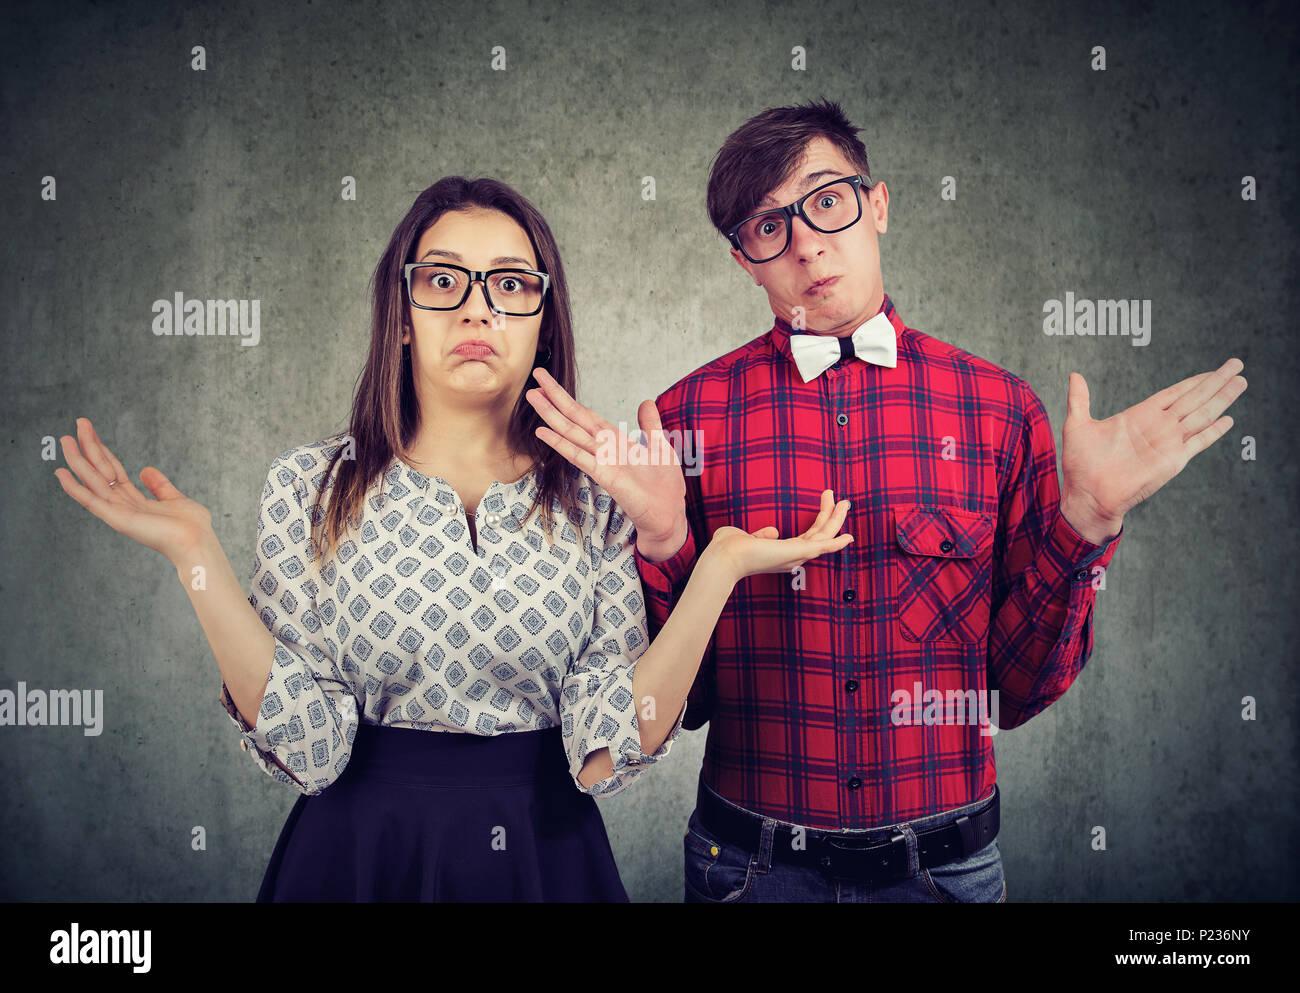 Giovane coppia elegante in bicchieri cercando clueless e alzata di spalle guardando la fotocamera. Immagini Stock